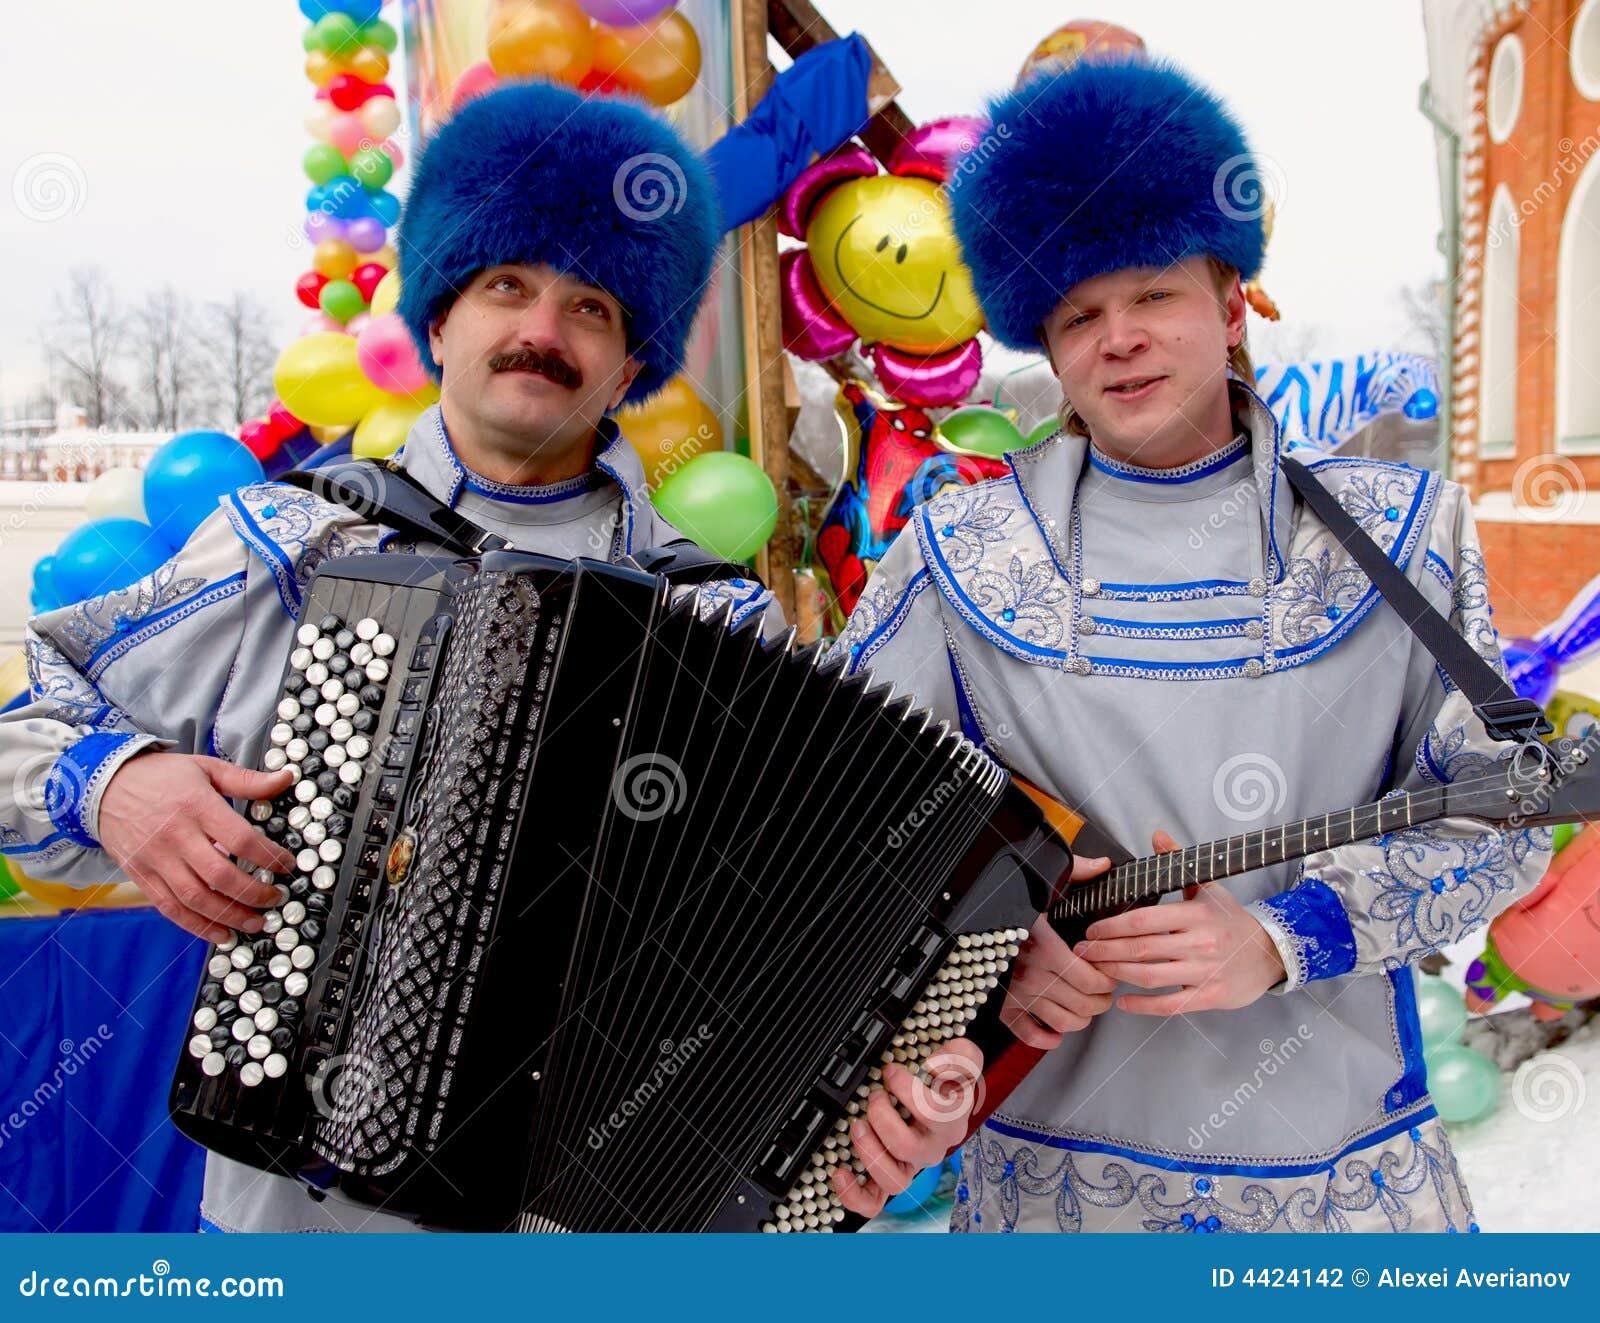 Russisch Carnaval Maslenitsa